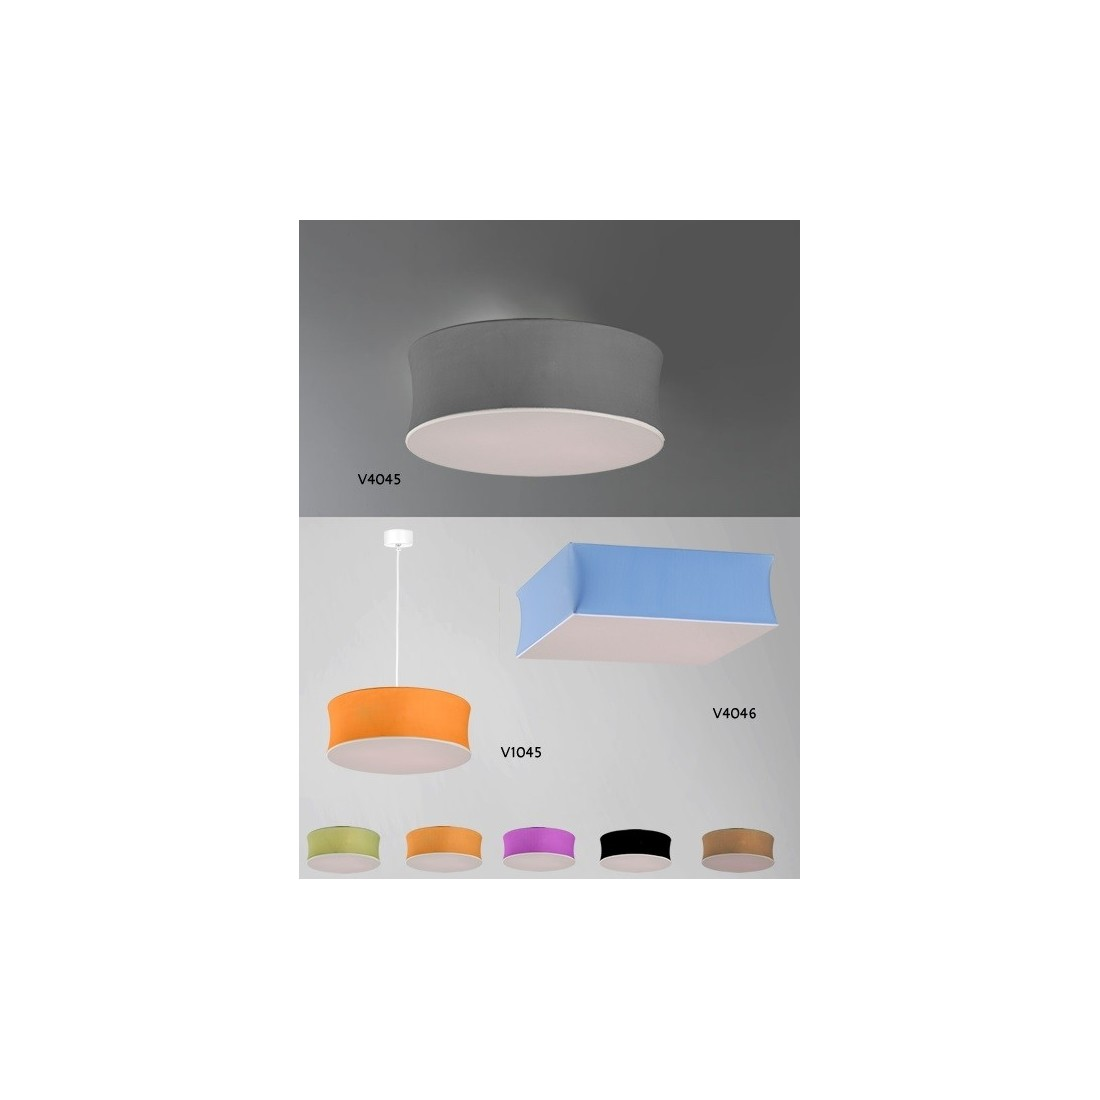 Lamparas infantiles lamparas dormitorio ni o lamparas dormitorio ni a lamparas infantiles - Lamparas de techo habitacion ...